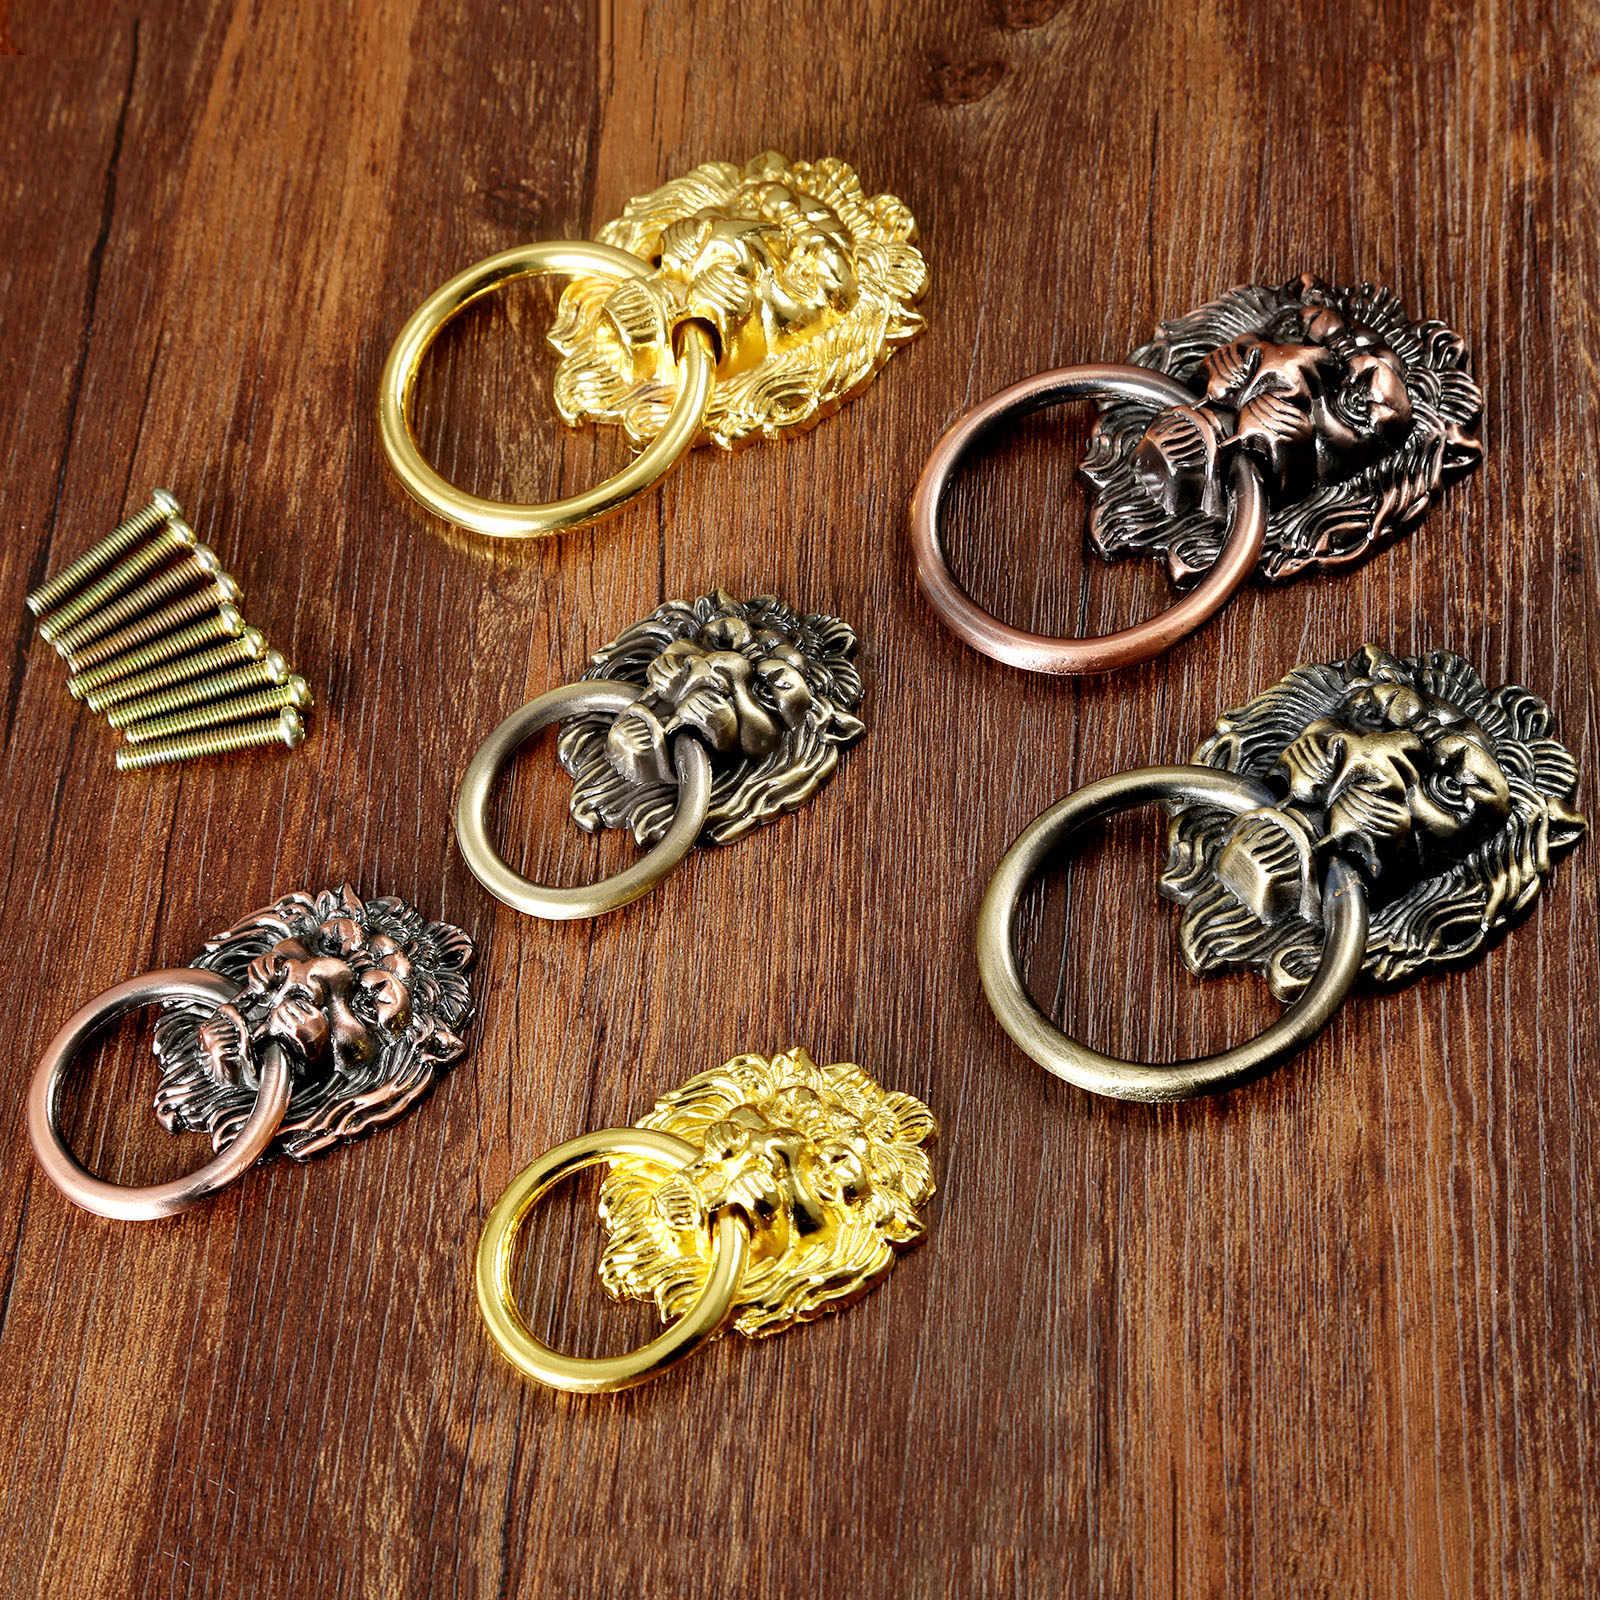 האריה ראש knob עתיק ידית Vintage מגירת ארון ארון דלת למשוך טבעת ידיות ברונזה פליז זהב 67mm 90mm ריהוט חומרה